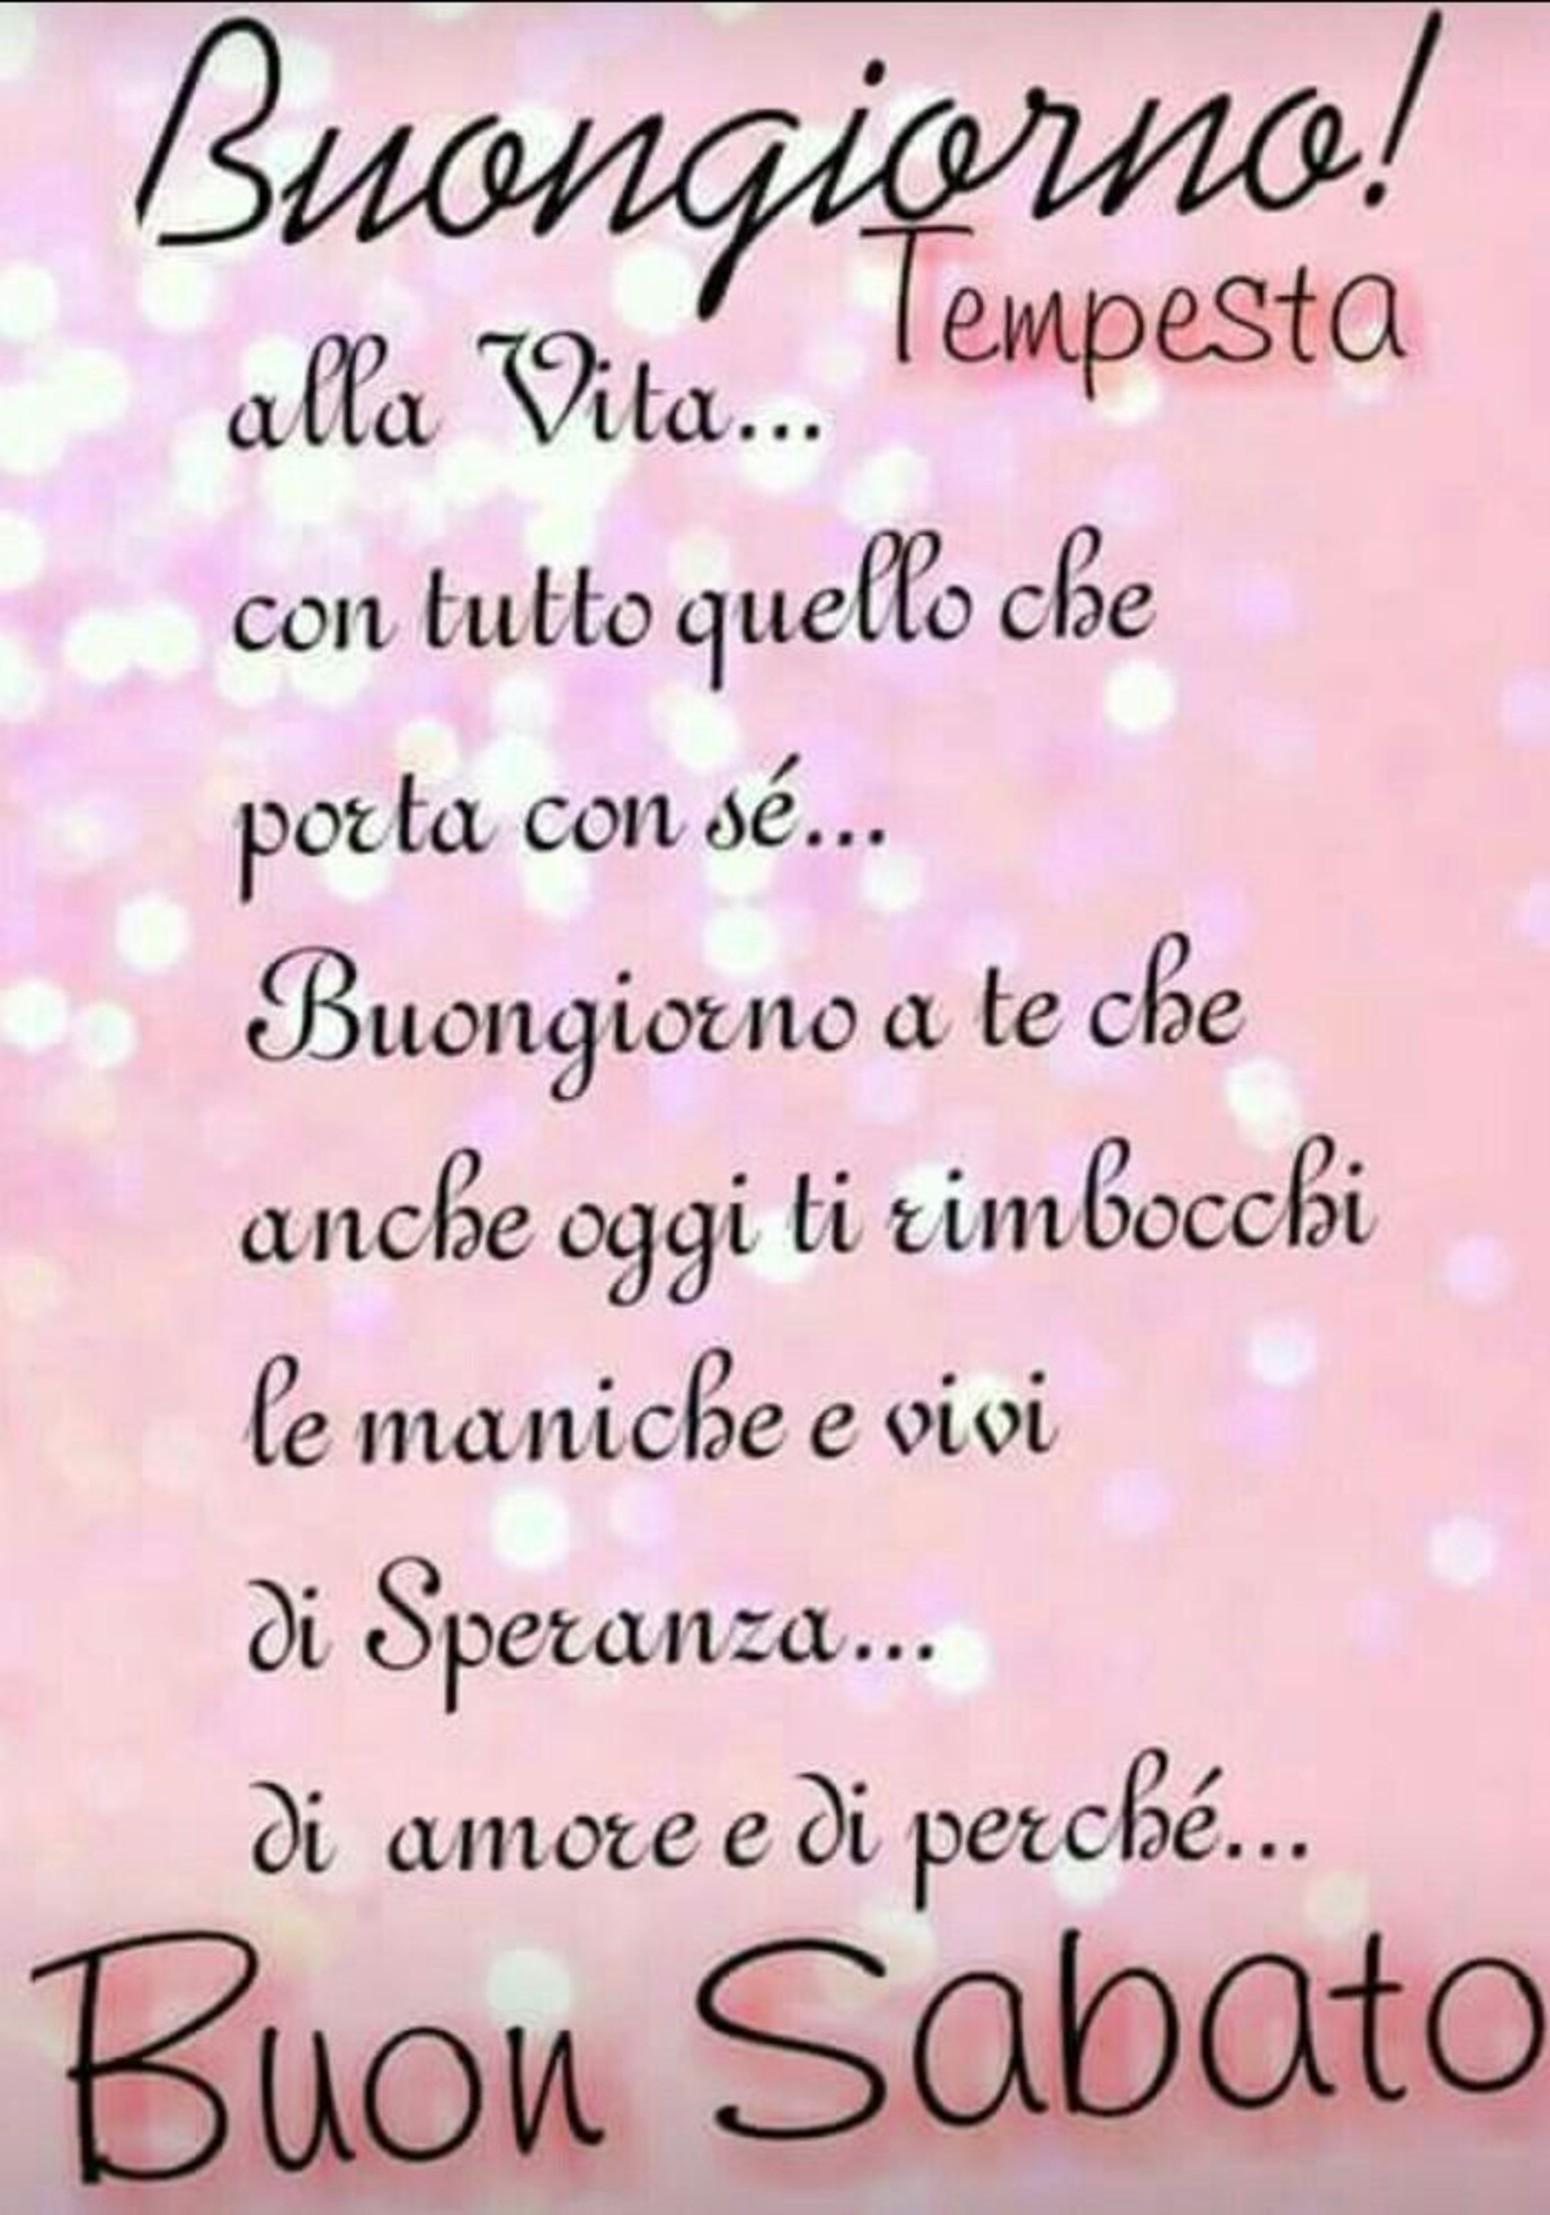 Immagini buon sabato facebook archives for Buon sabato sera frasi